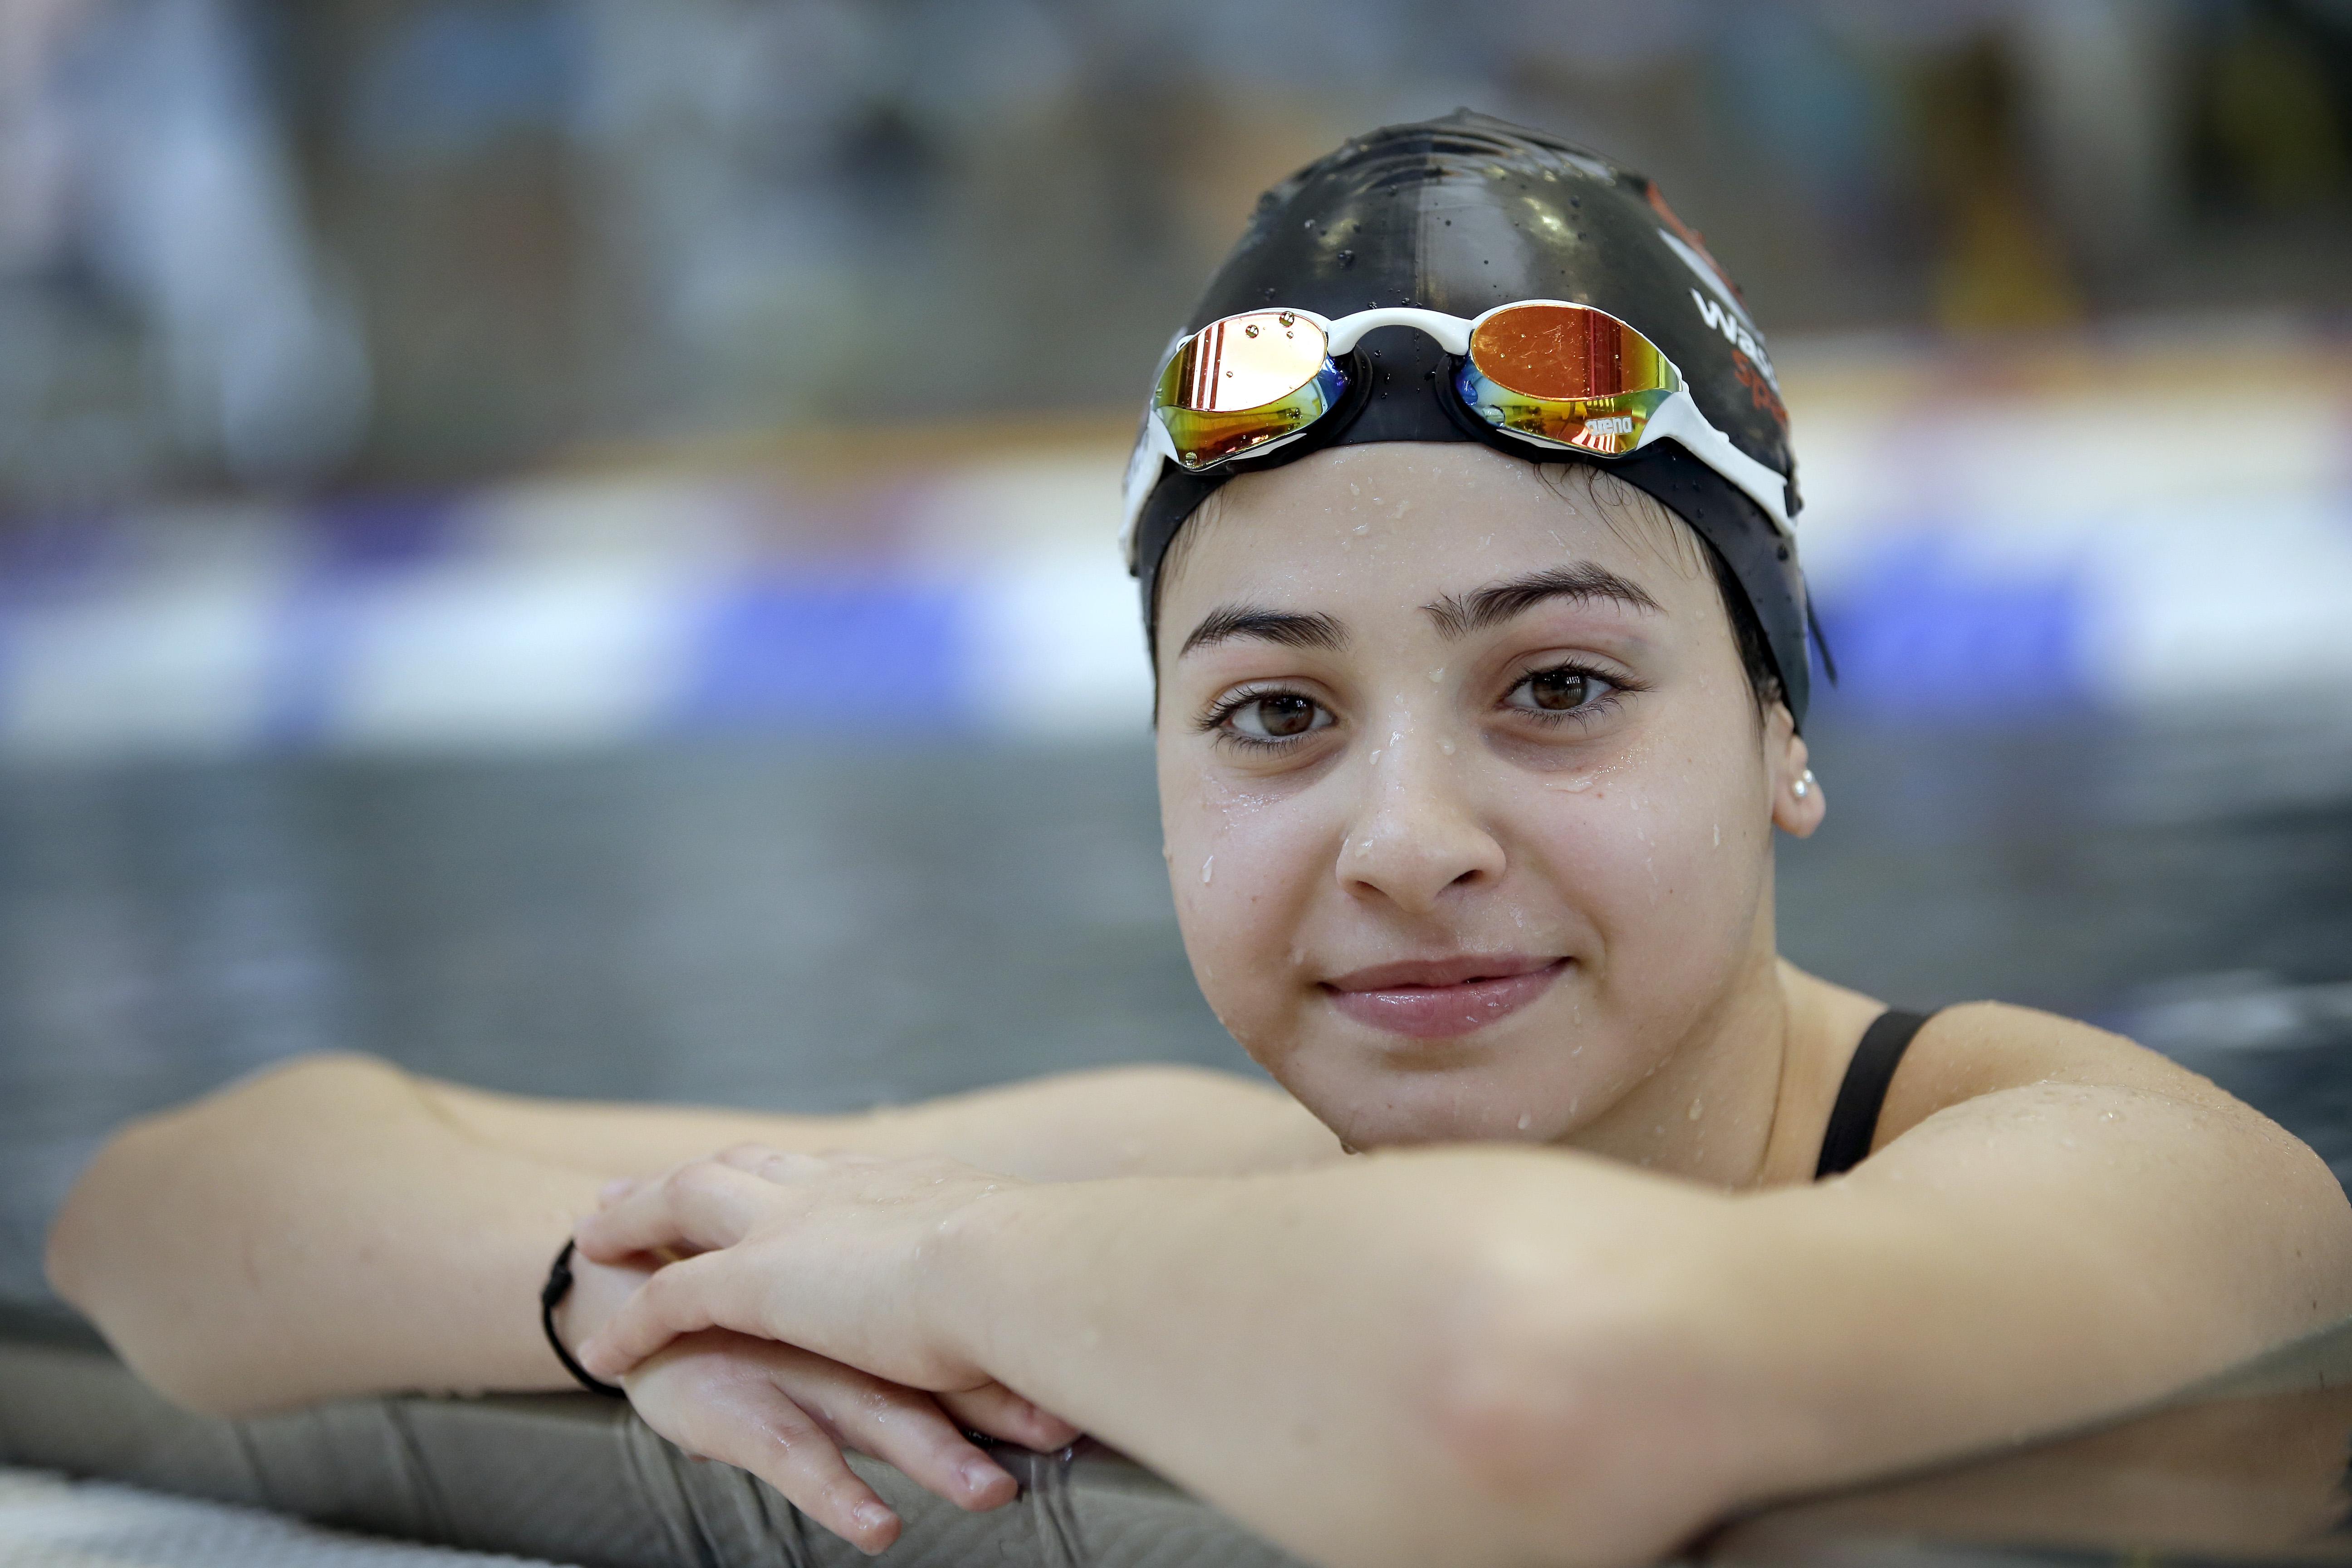 Jusra Mardini počas tréningu v Berlíne v novembri 2015. Foto: AP/tasr